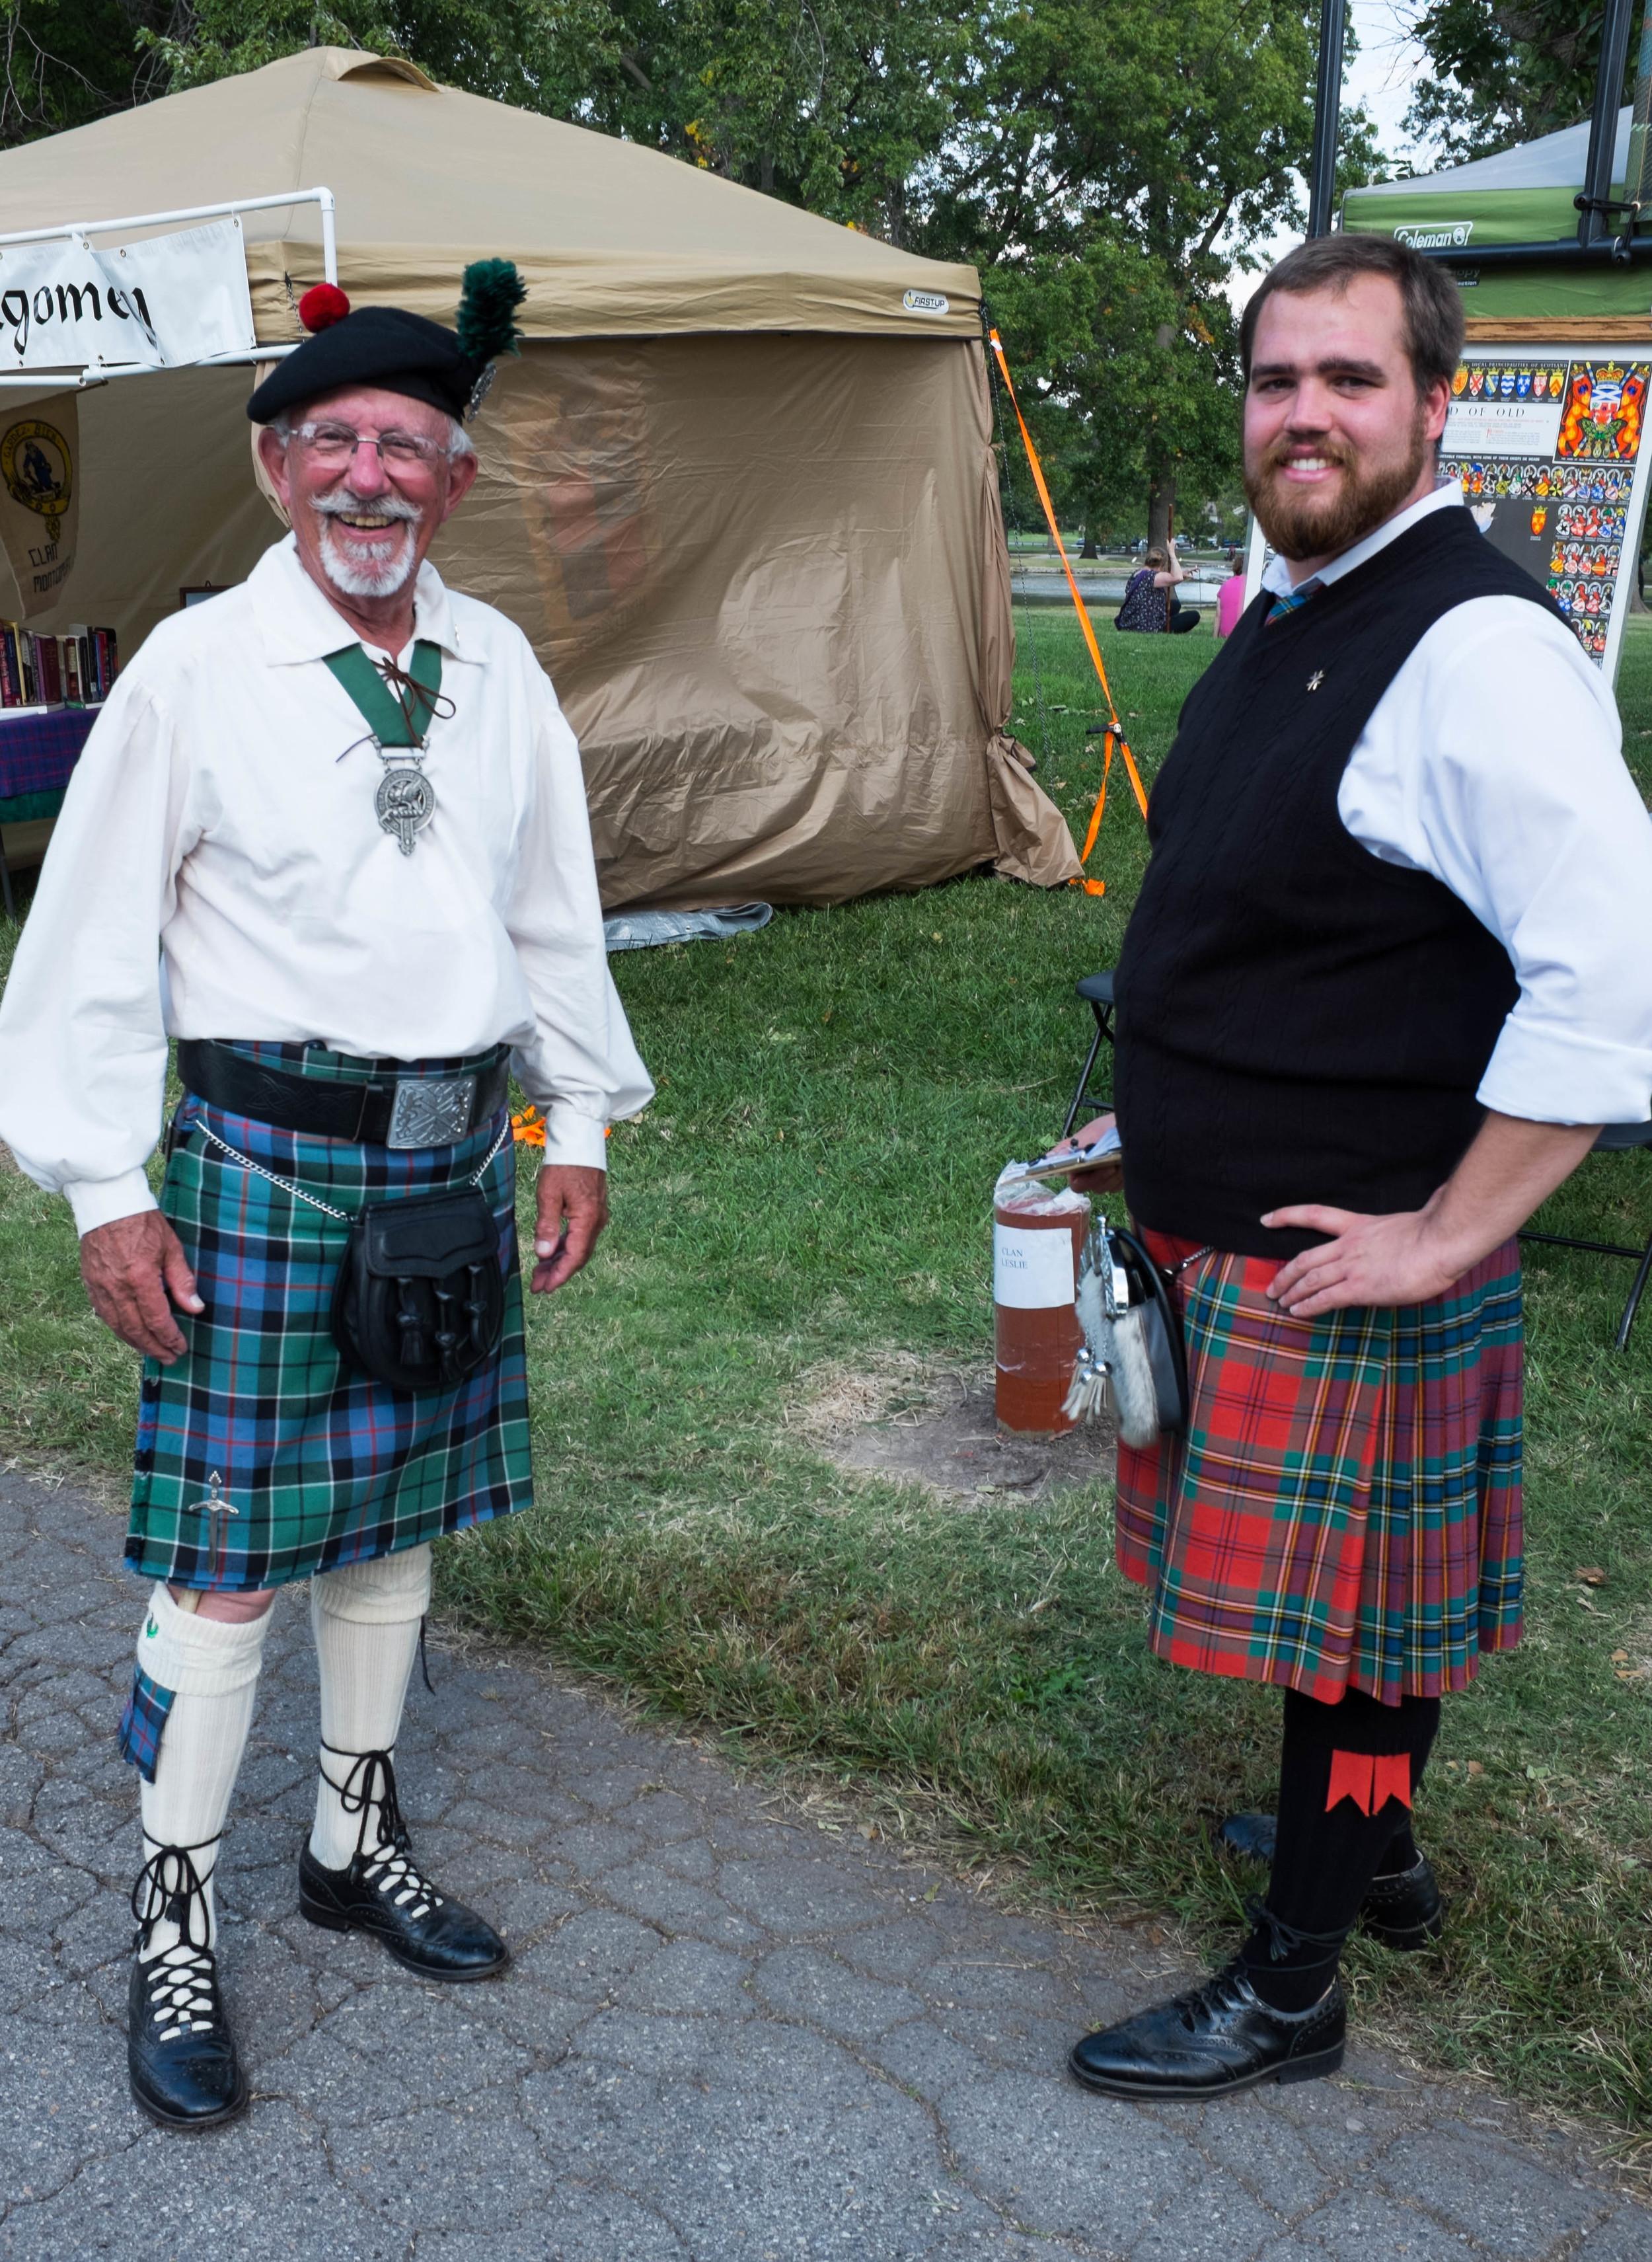 Scottish Fest & Renn fest_09-28-14-12.jpg